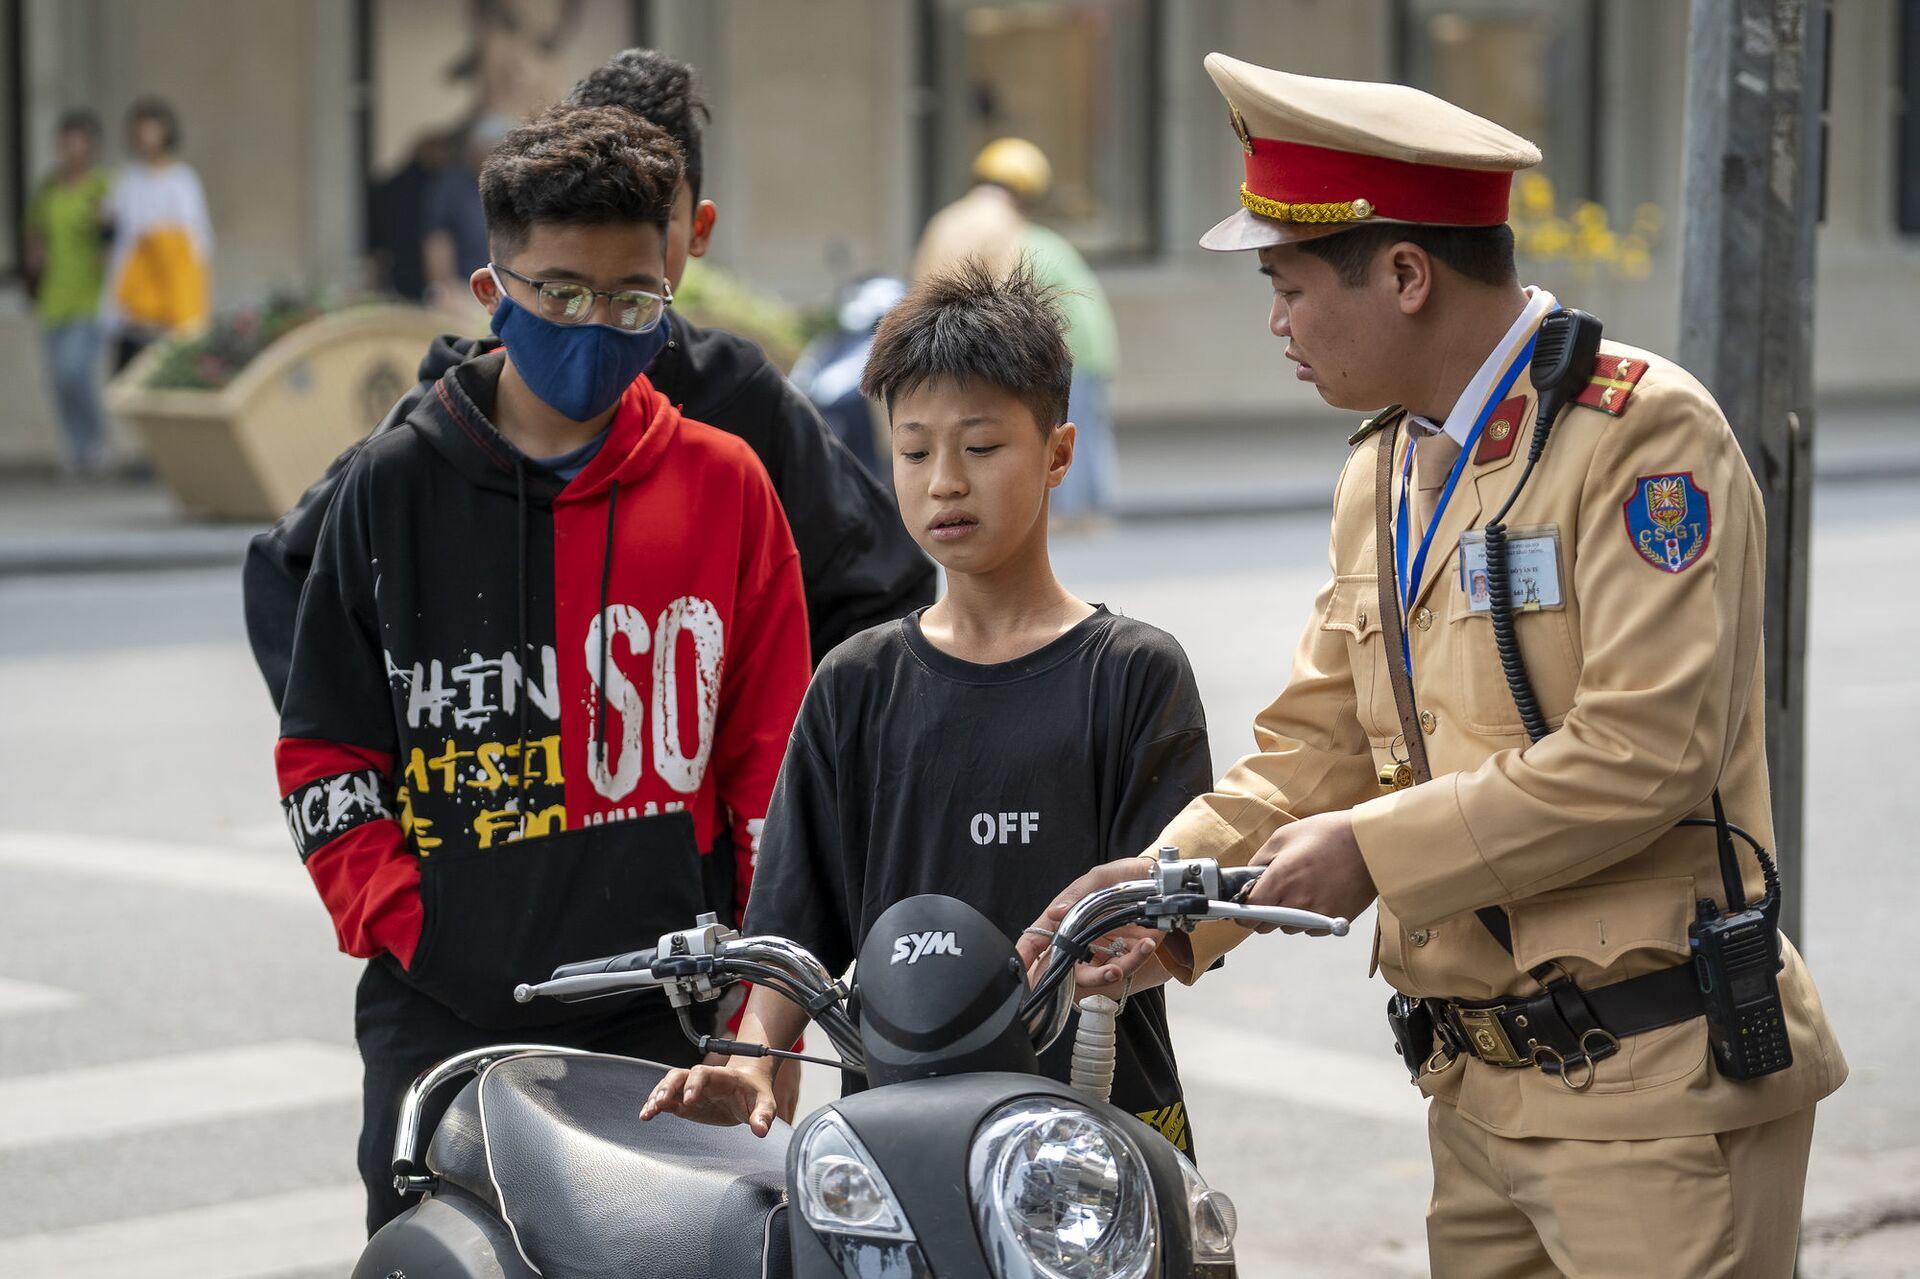 Cảnh sát Việt Nam chặn một cậu bé điều khiển xe máy vì vi phạm luật lệ giao thông trên phố cổ Hà Nội, Việt Nam. - Sputnik Việt Nam, 1920, 05.10.2021